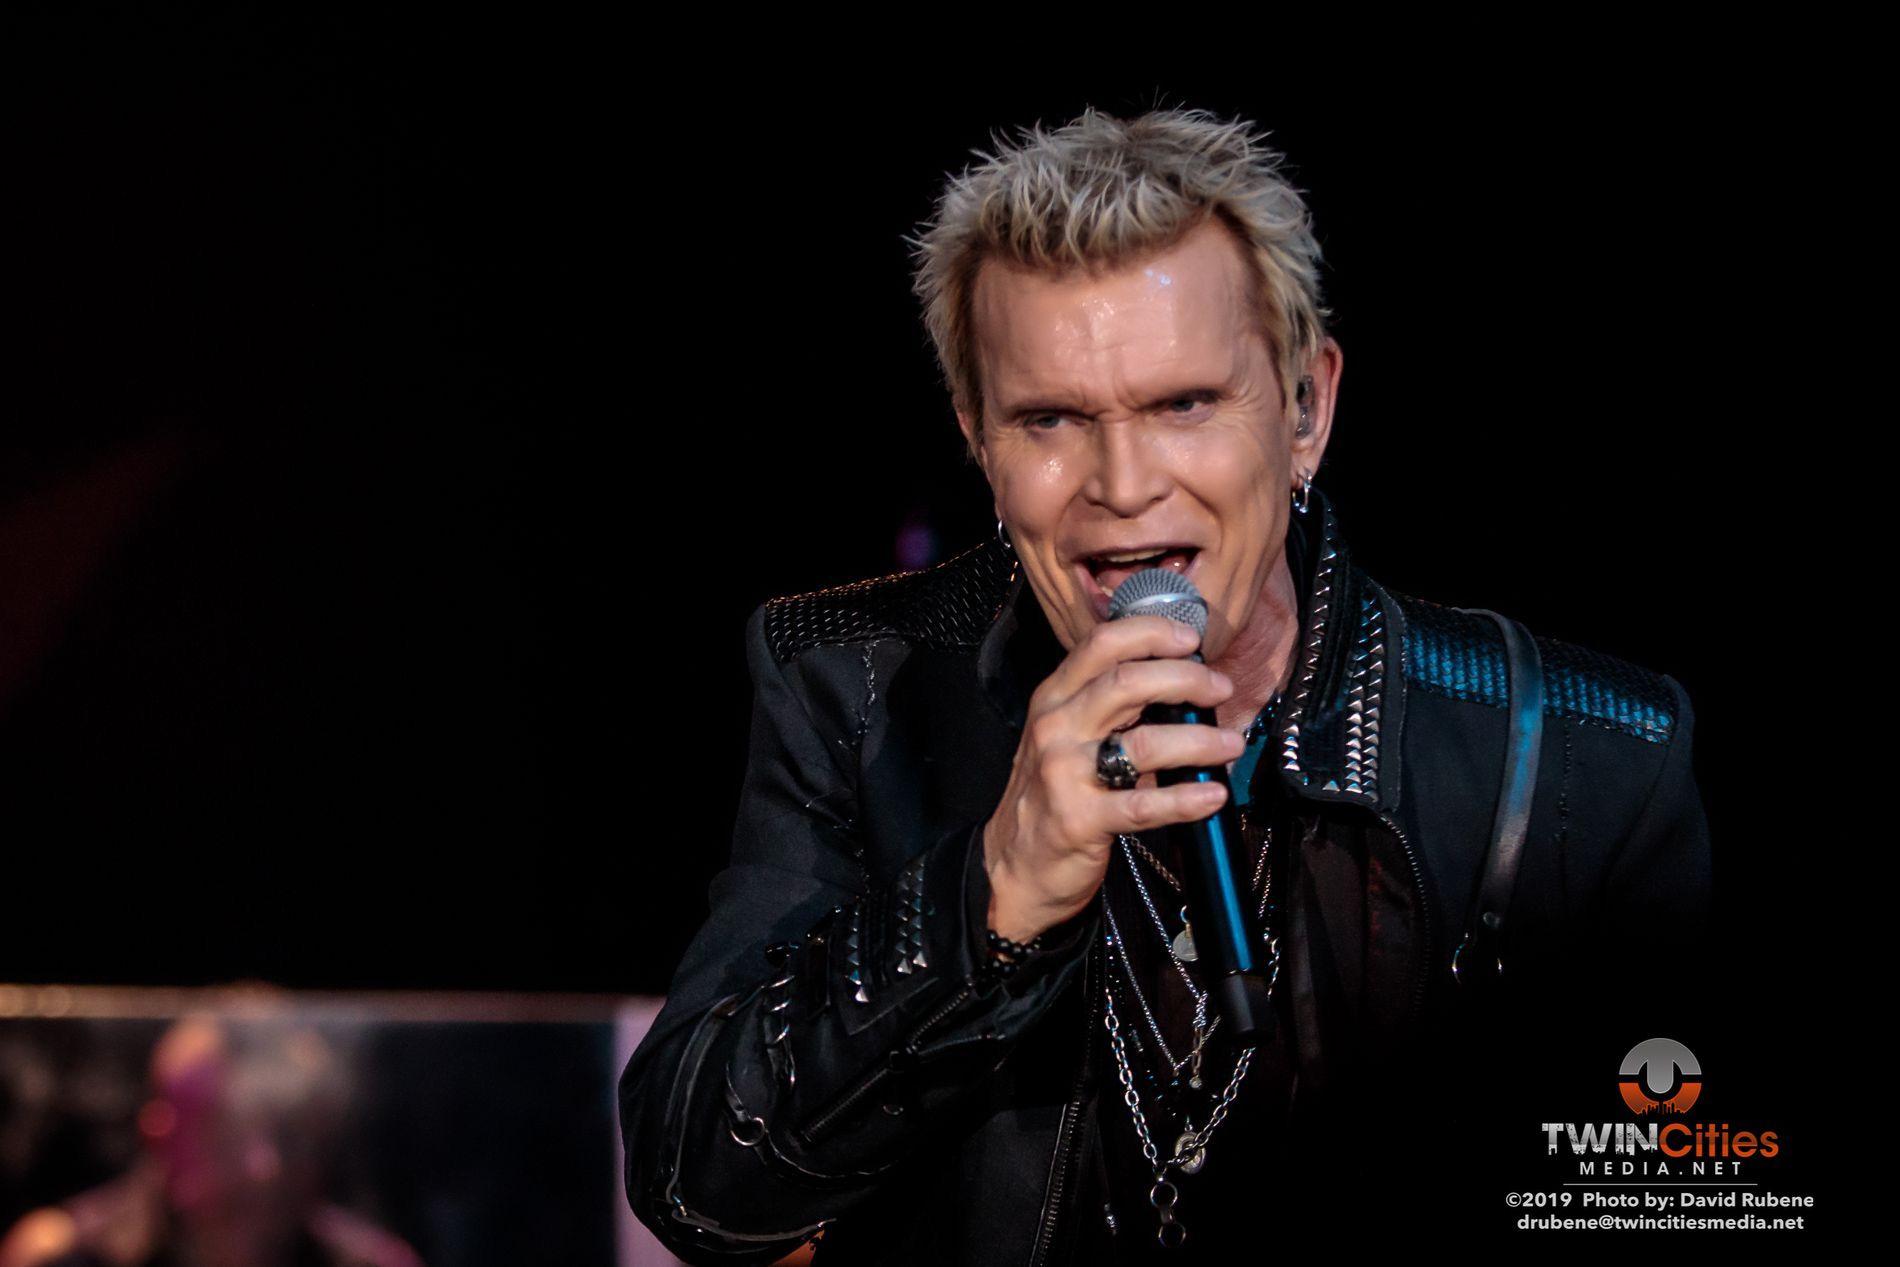 20190706-TCM-DRubene-Billy-Idol-130